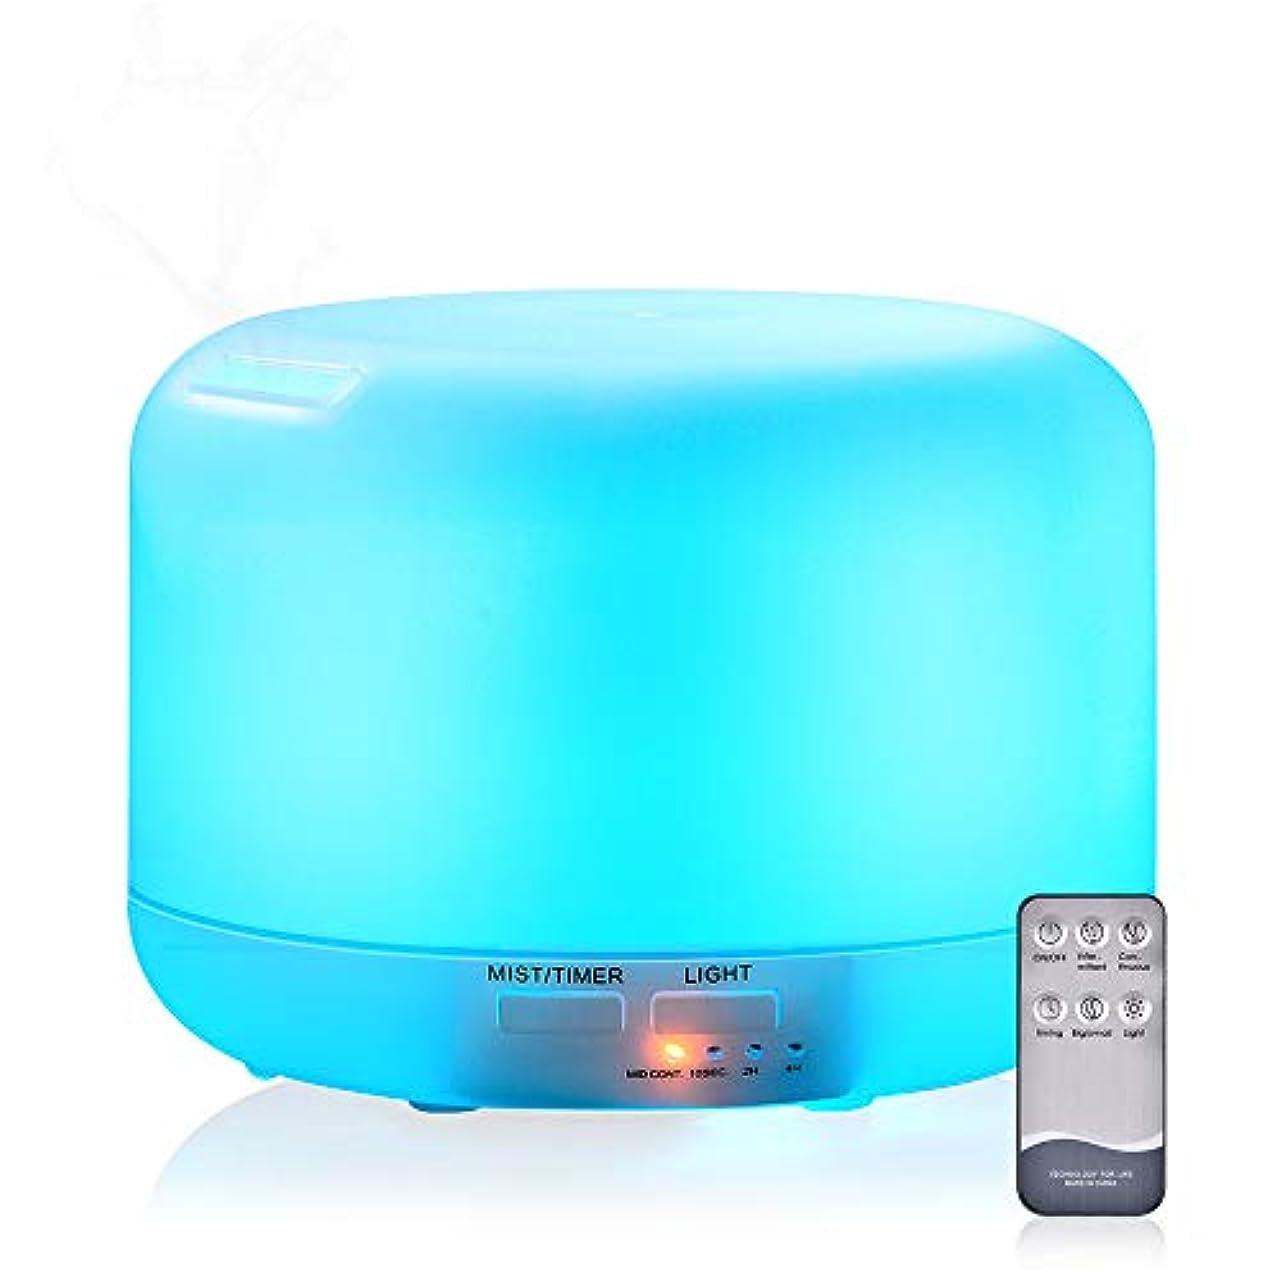 艶溶かすアクセス500ミリメートルリモコン空気アロマ超音波加湿器カラーLEDライト電気アロマセラピーエッセンシャルオイルディフューザー